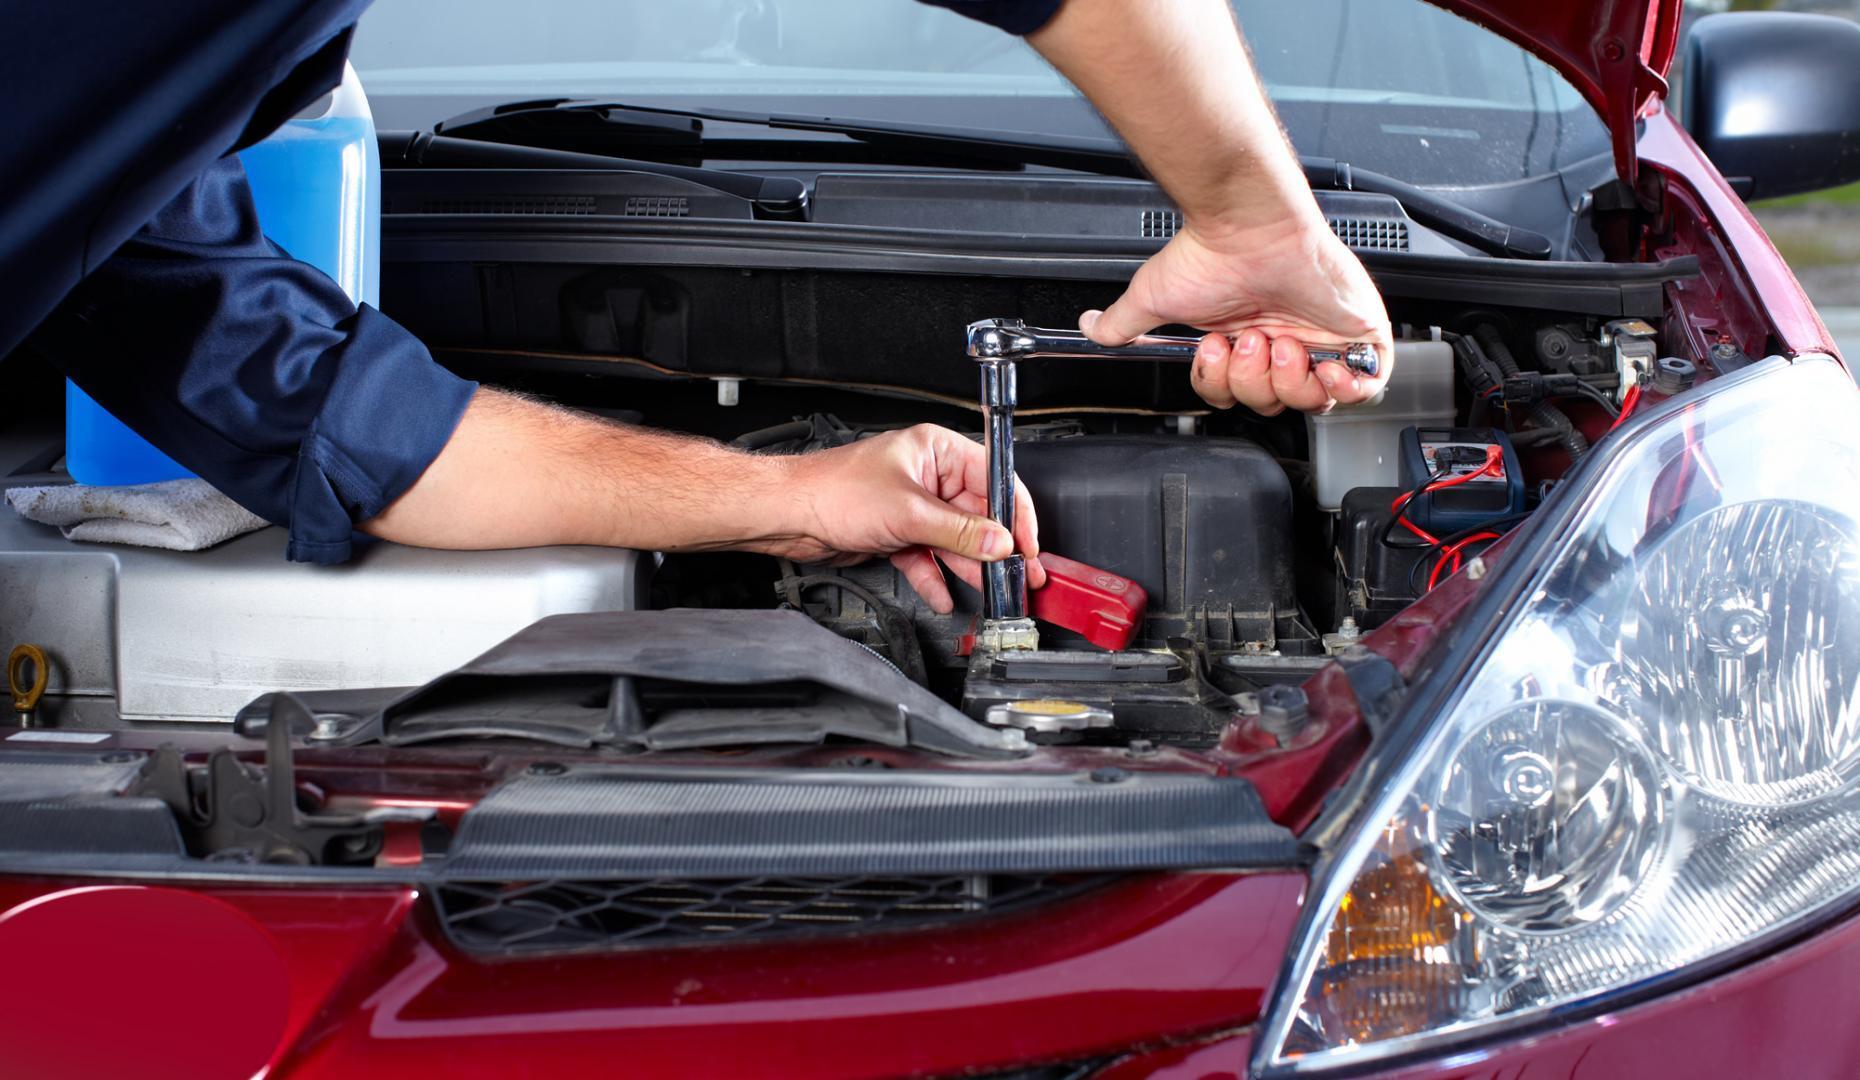 địa chỉ sửa chữa ô tô tốt nhất bình thạnh